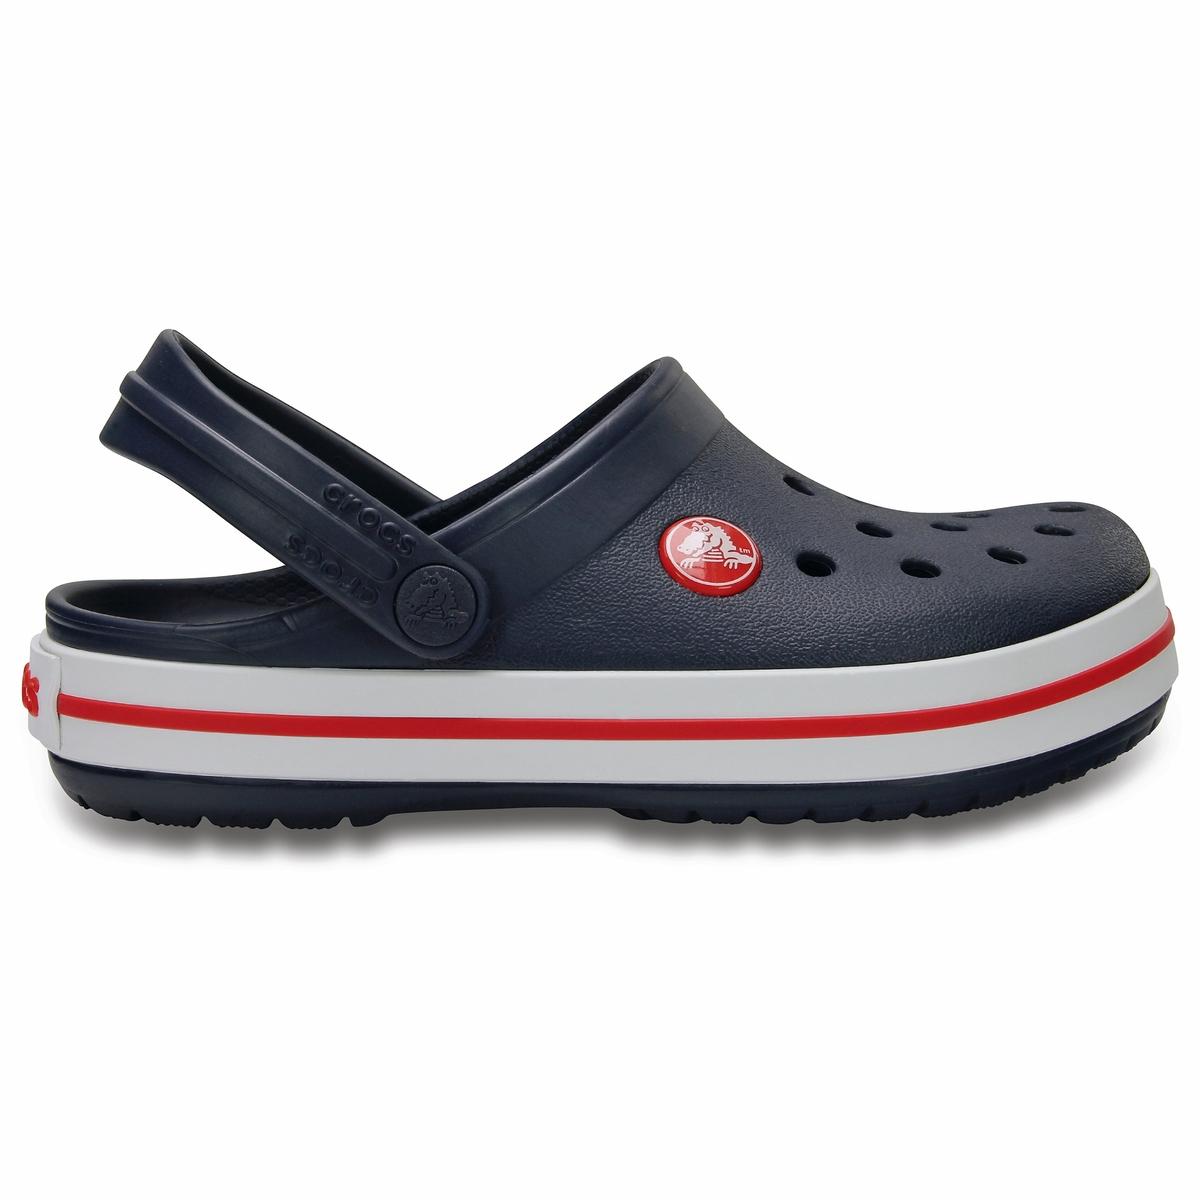 Сабо Crocband Clog KidsОписание:Детали •  Сабо •  Высота каблука : 1,5 см •  Застежка : ремешок/пряжка •  Круглый мысок •  Гладкая отделкаСостав и уход •  Верх 100% синтетический материал •  Подошва 100% синтетический материал<br><br>Цвет: темно-синий